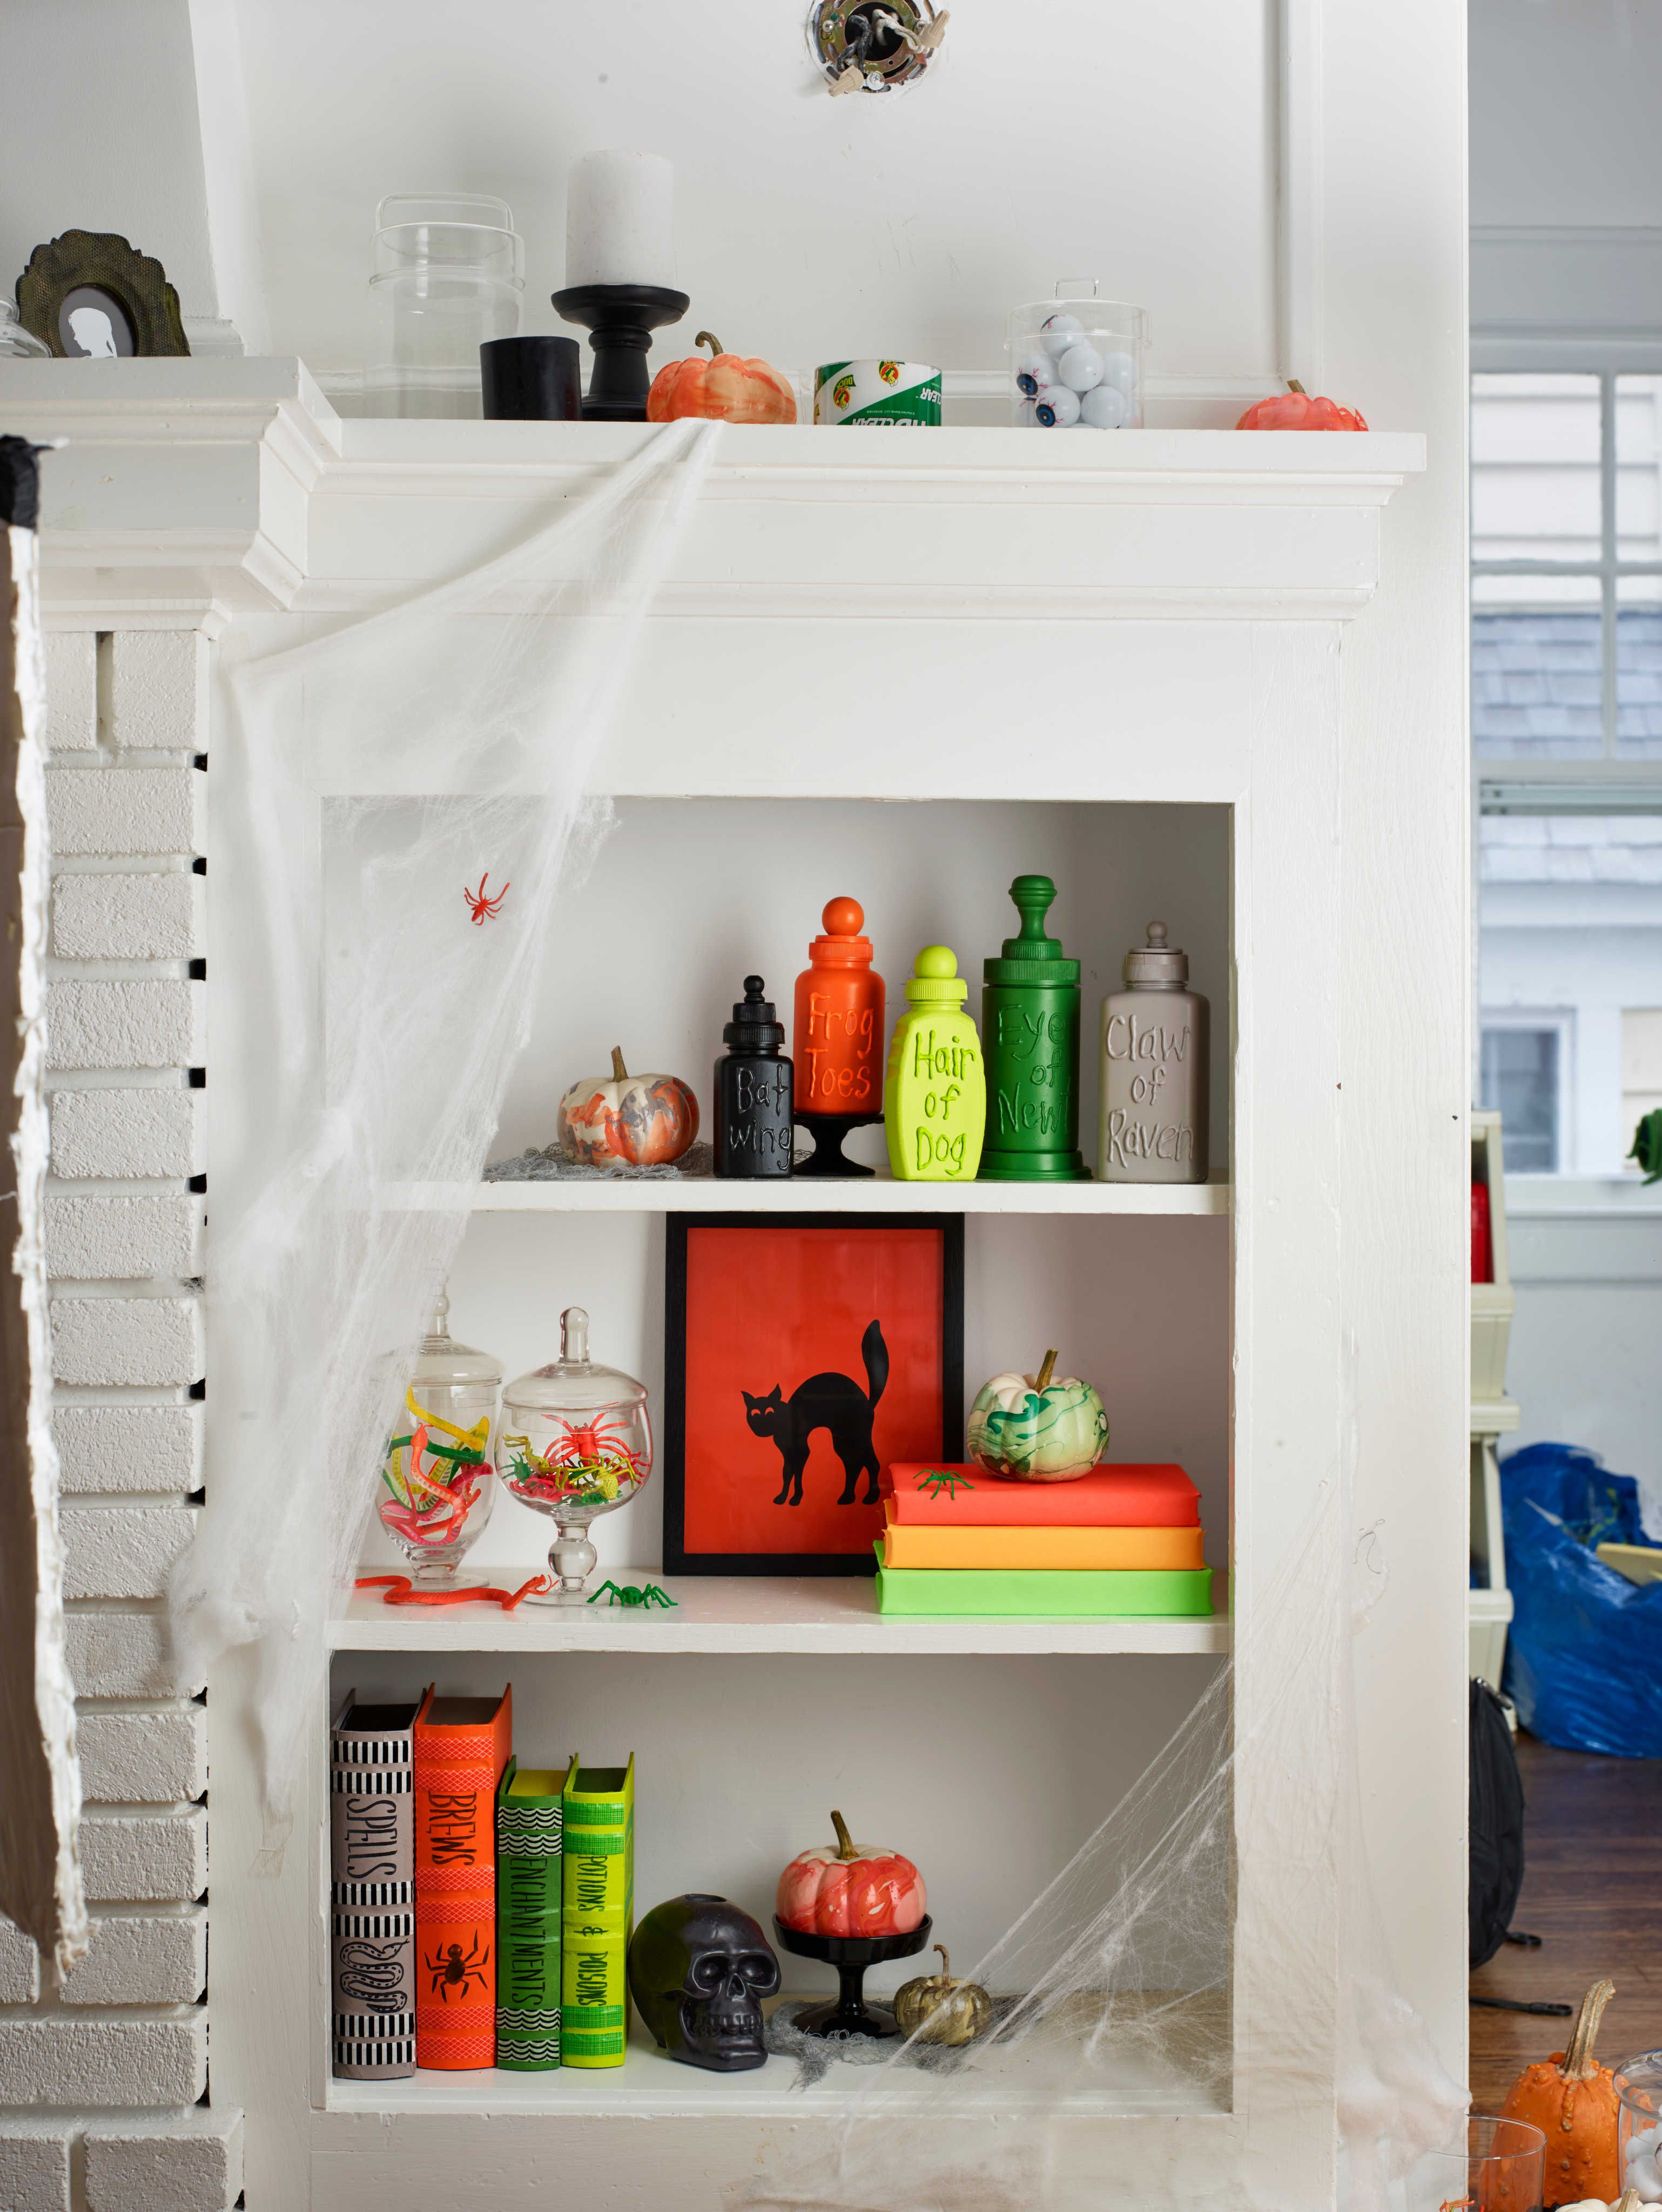 46 Pumpkin Painting Ideas - No Carve Pumpkin Decorating